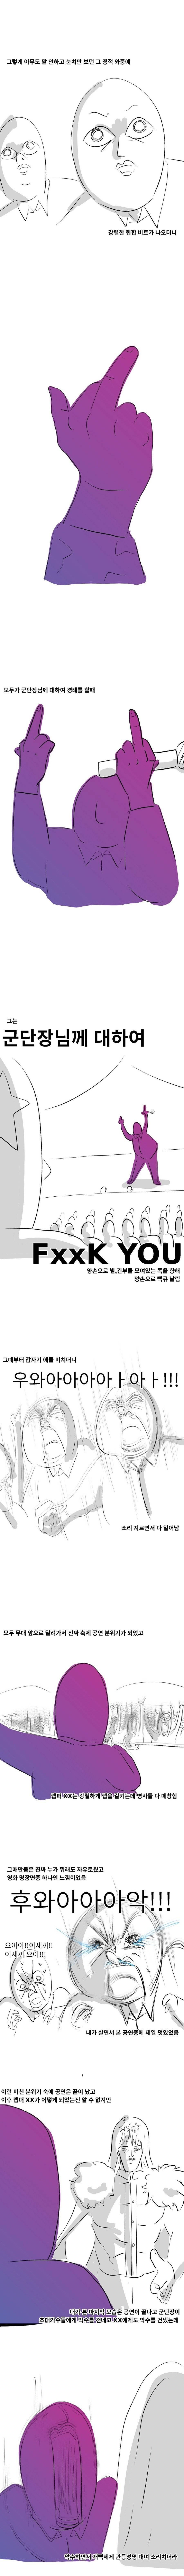 나의 군대 이야기 (가수 랩퍼 xx 제보썰) manhwa   인스티즈